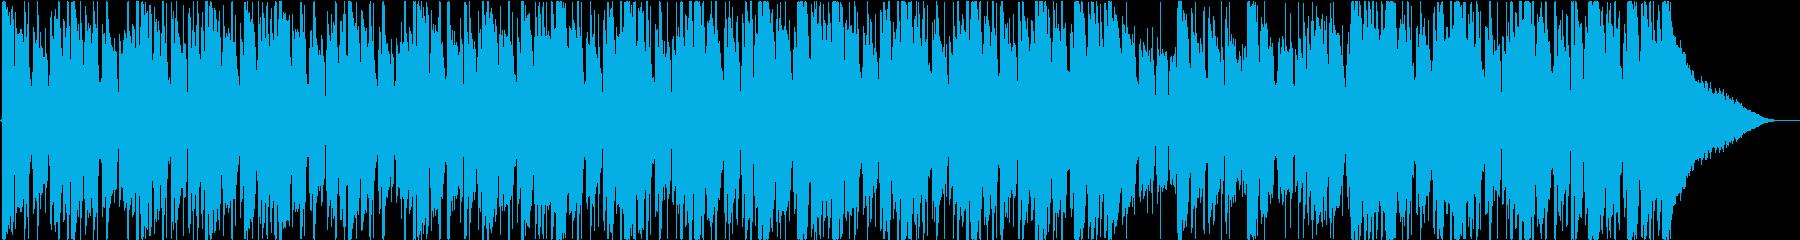 背景、ジャズの再生済みの波形